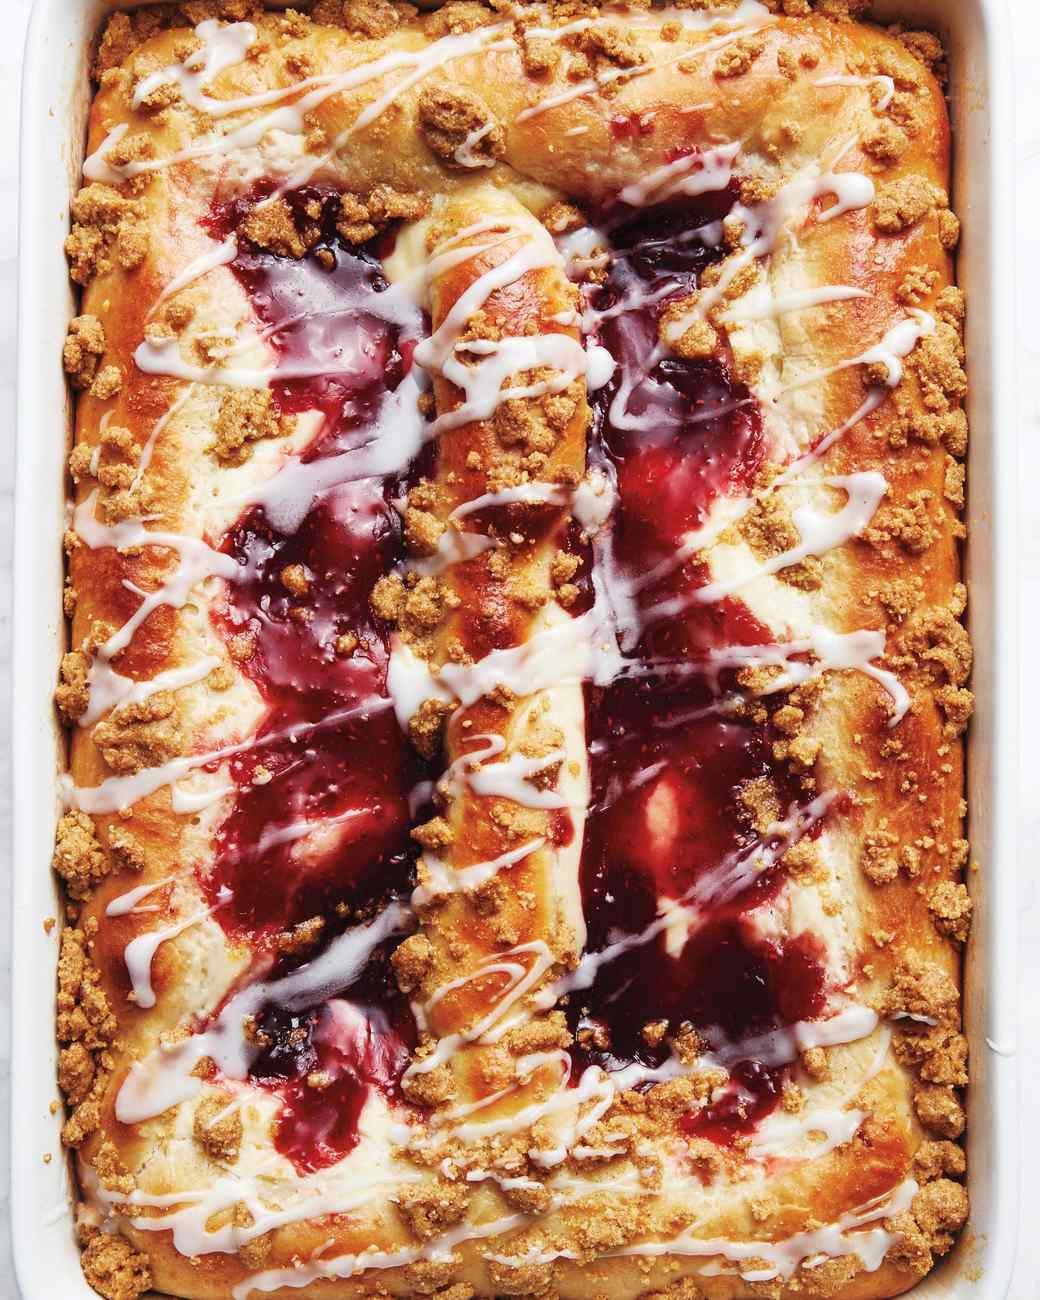 jam-and-cheese-danish-080-d112672.jpg